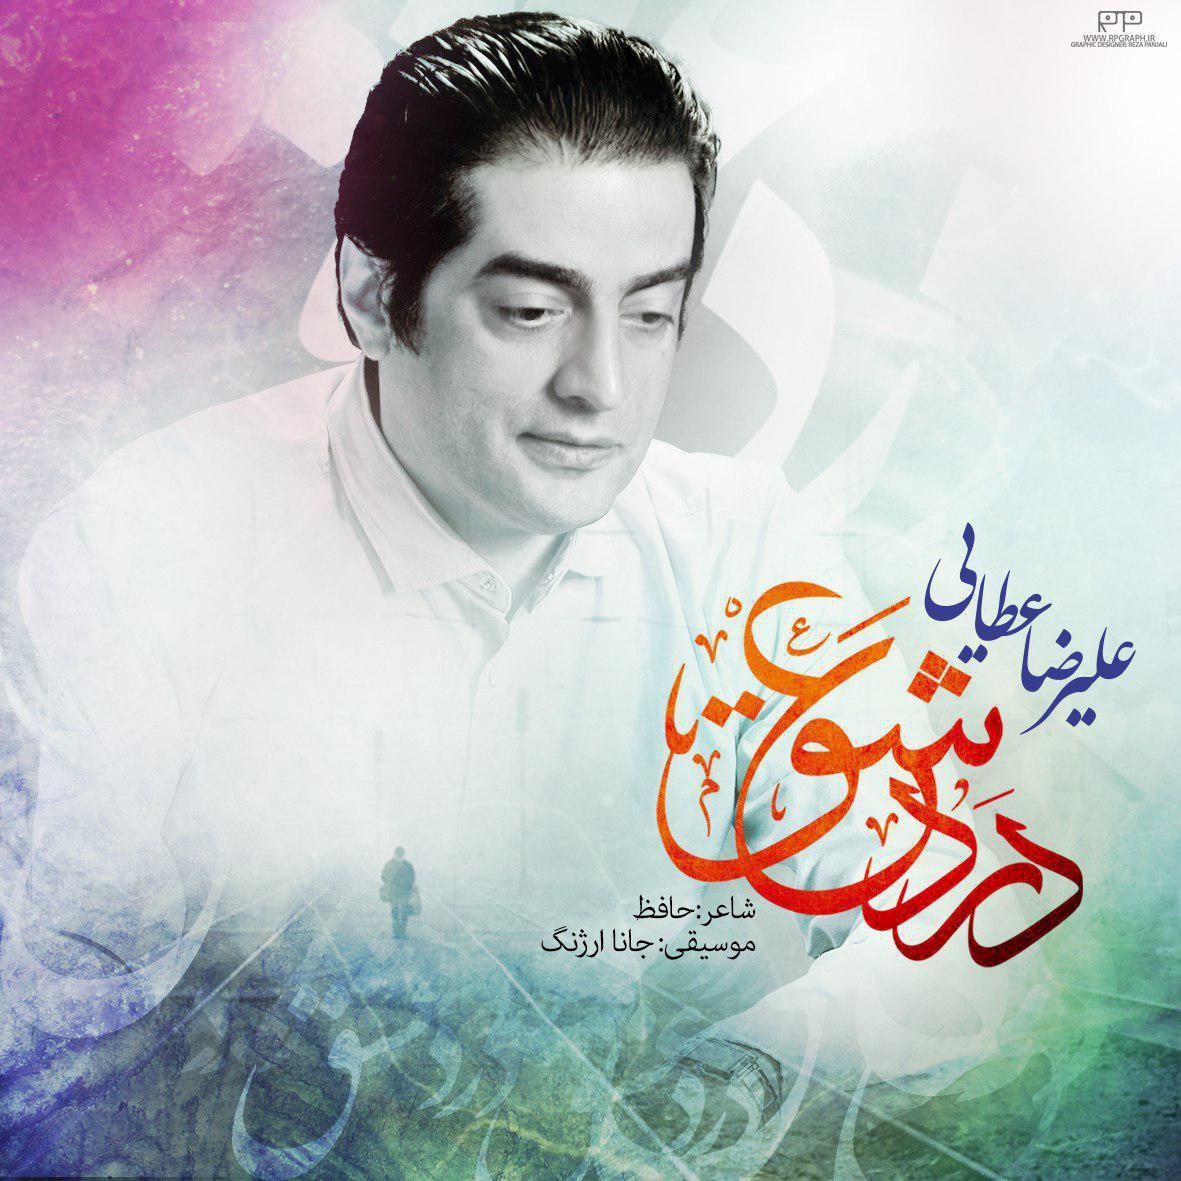 Alireza Ataei – Darde Eshgh